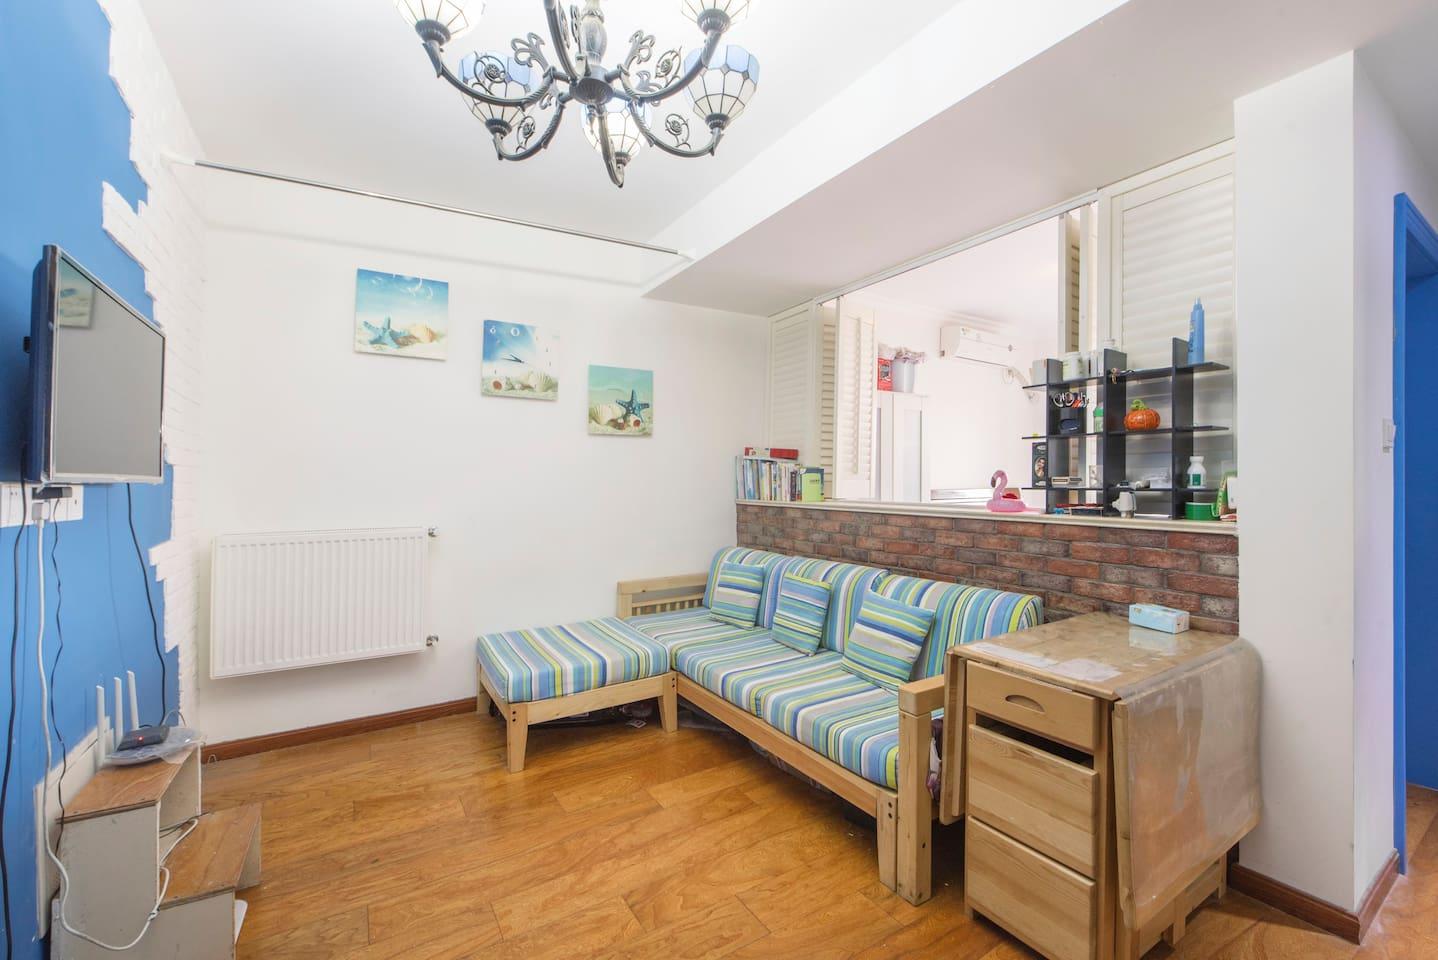 客厅(沙发,餐桌,网络电视,暖气)